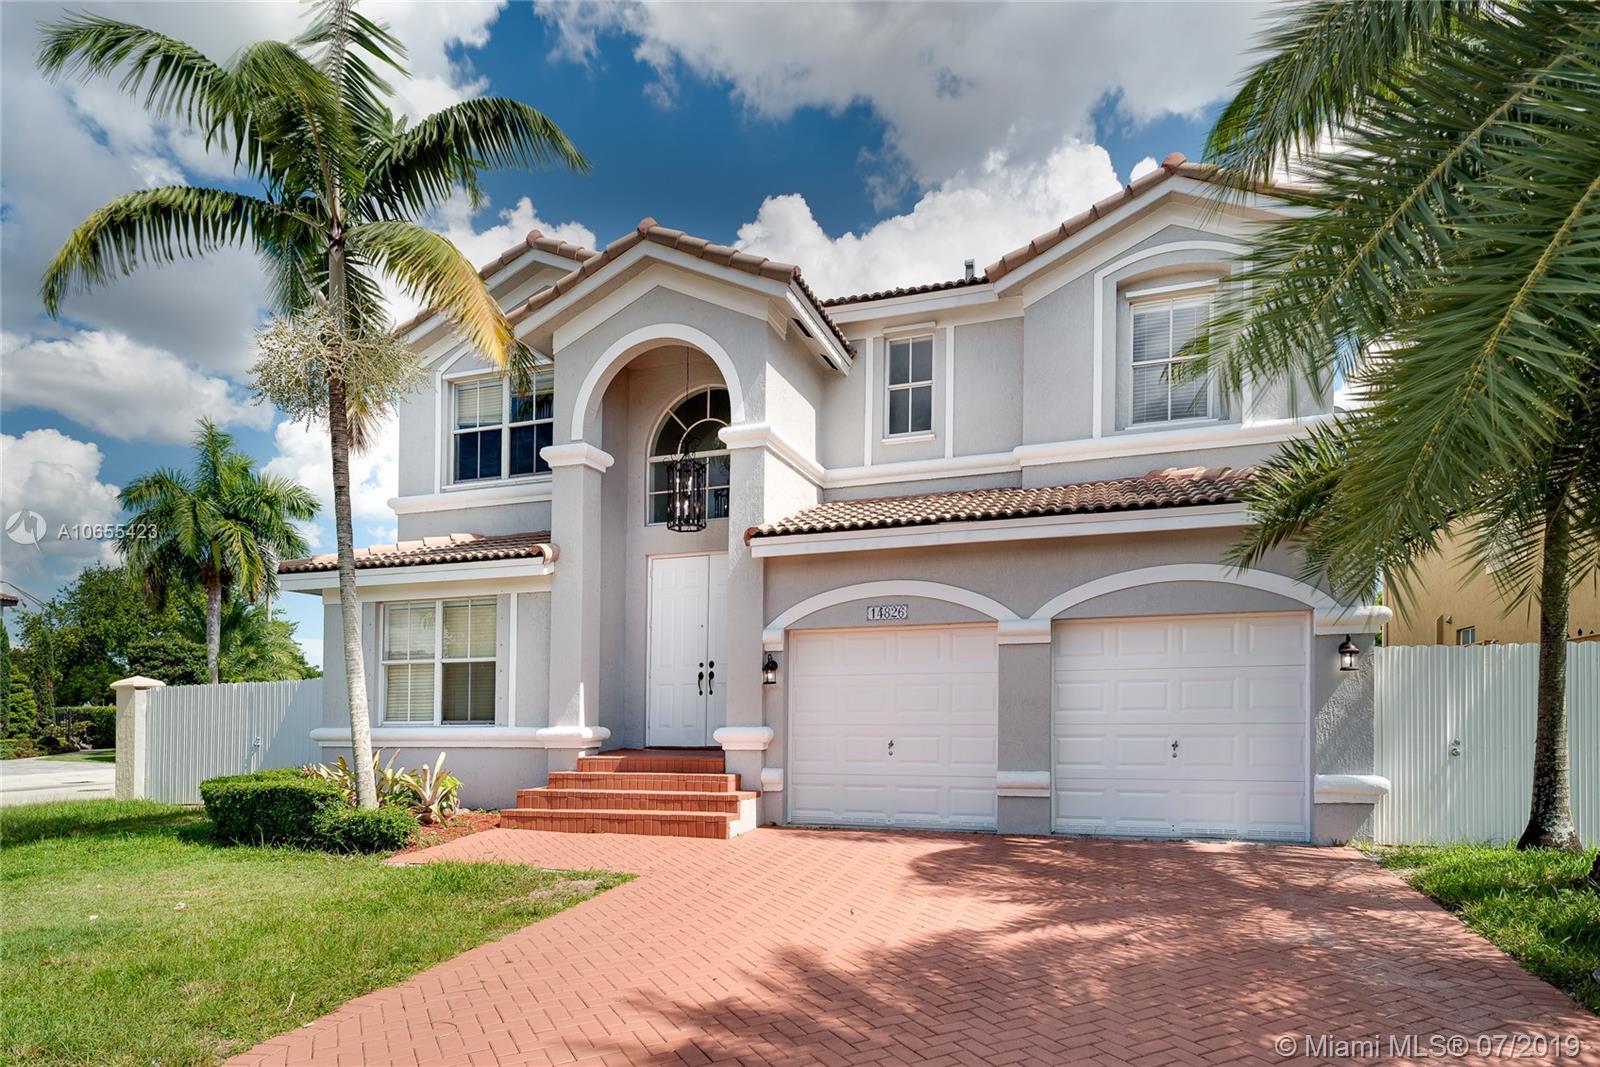 14826 Sw 25th Ln Miami, FL 33185